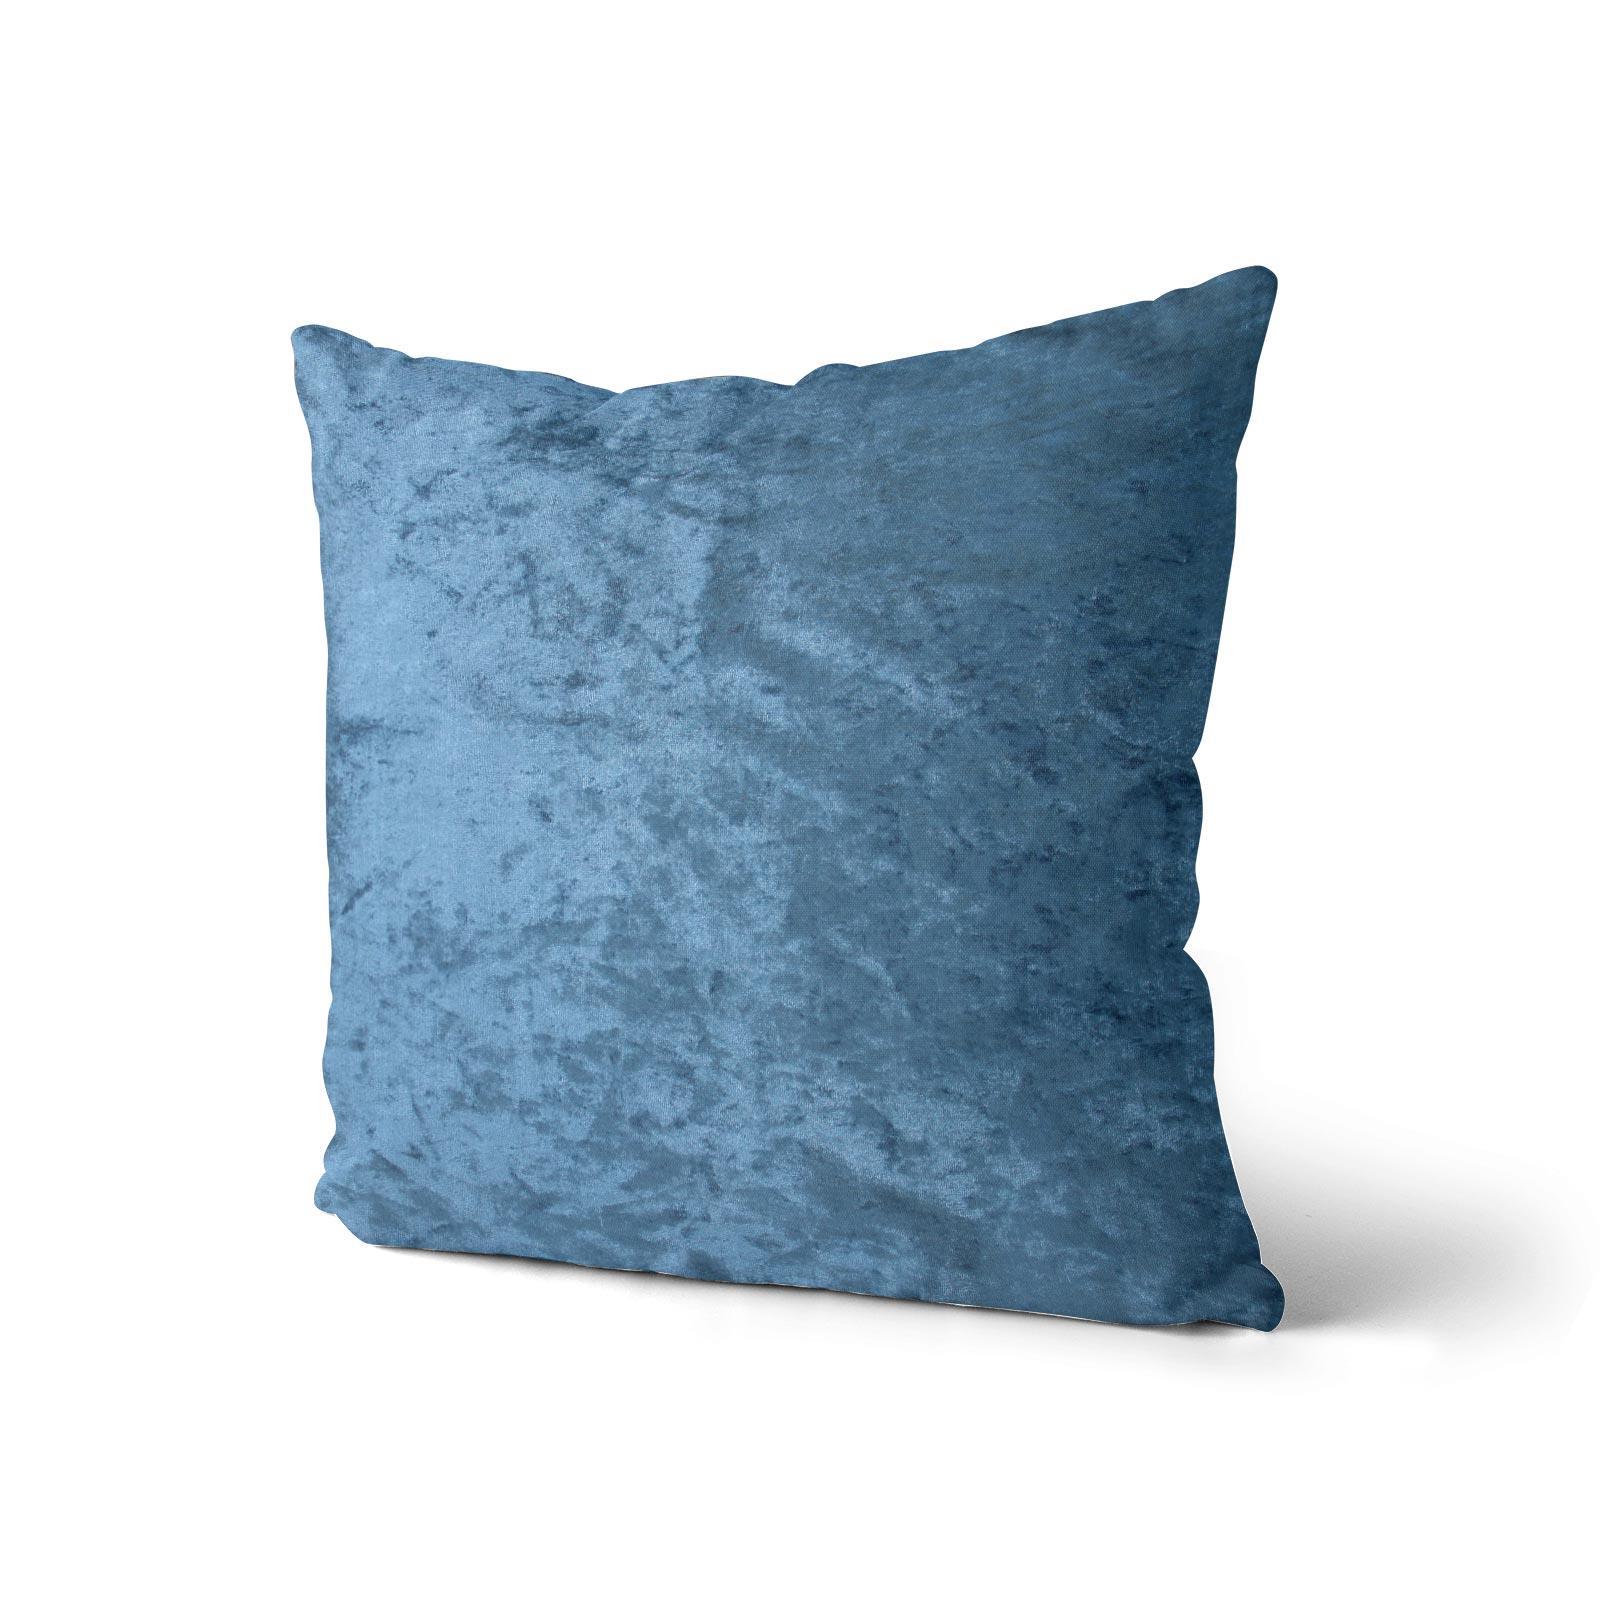 Cuscino-di-velluto-schiacciato-copre-GLAM-Tinta-Unita-Copricuscino-18-034-x-18-034-45cm-x-45cm miniatura 17